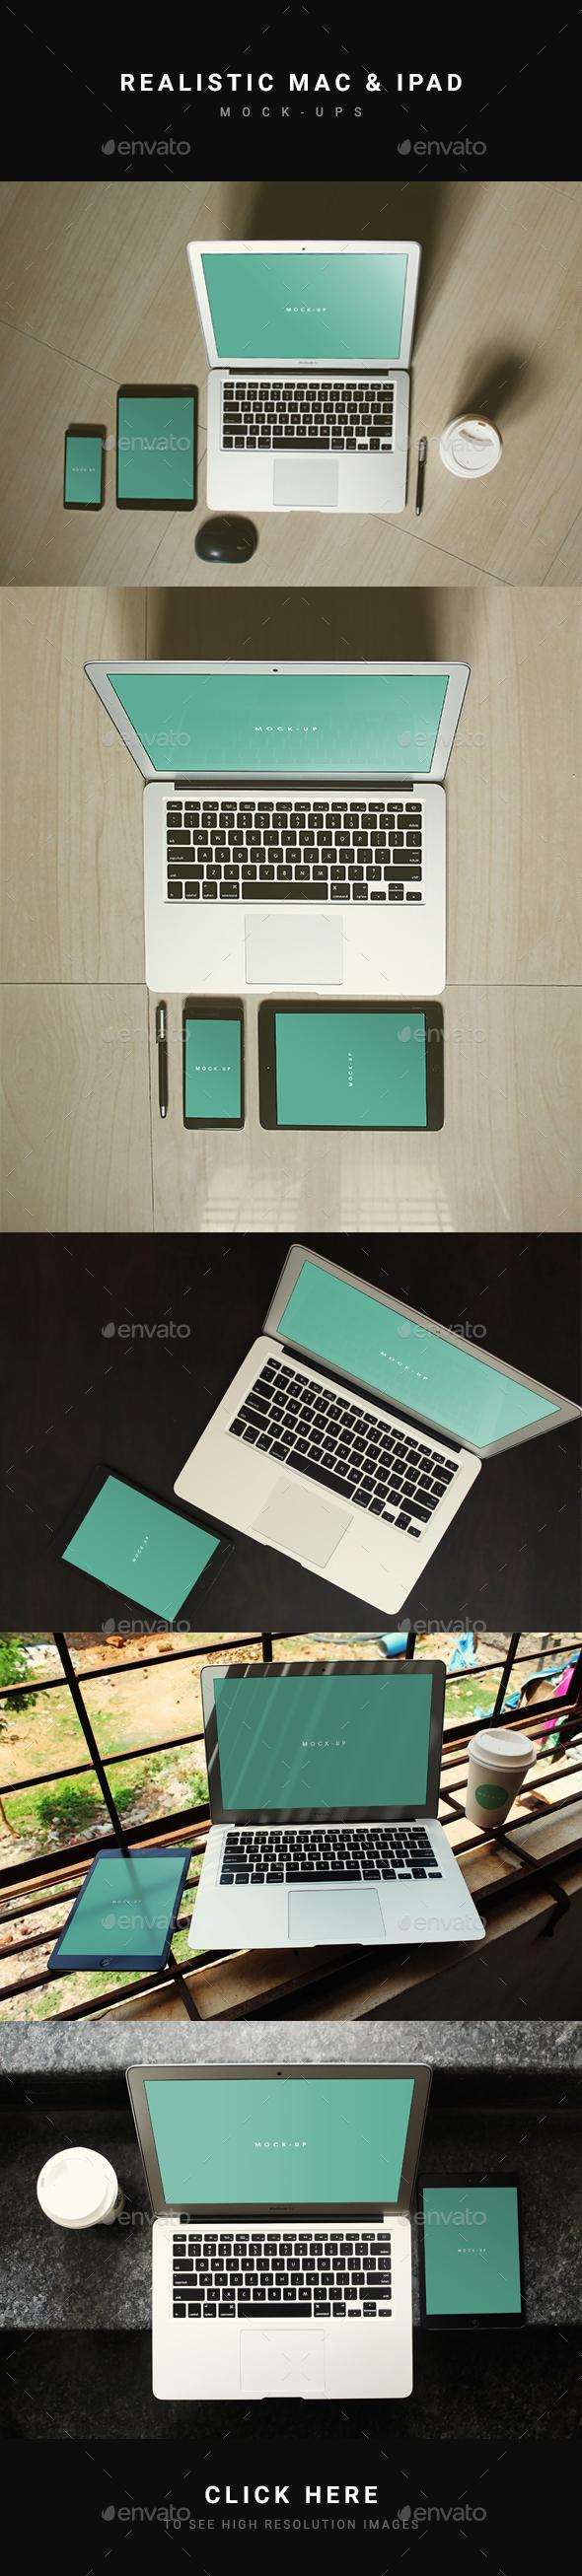 Realistic Mac & iPad Mockup - Multiple Displays